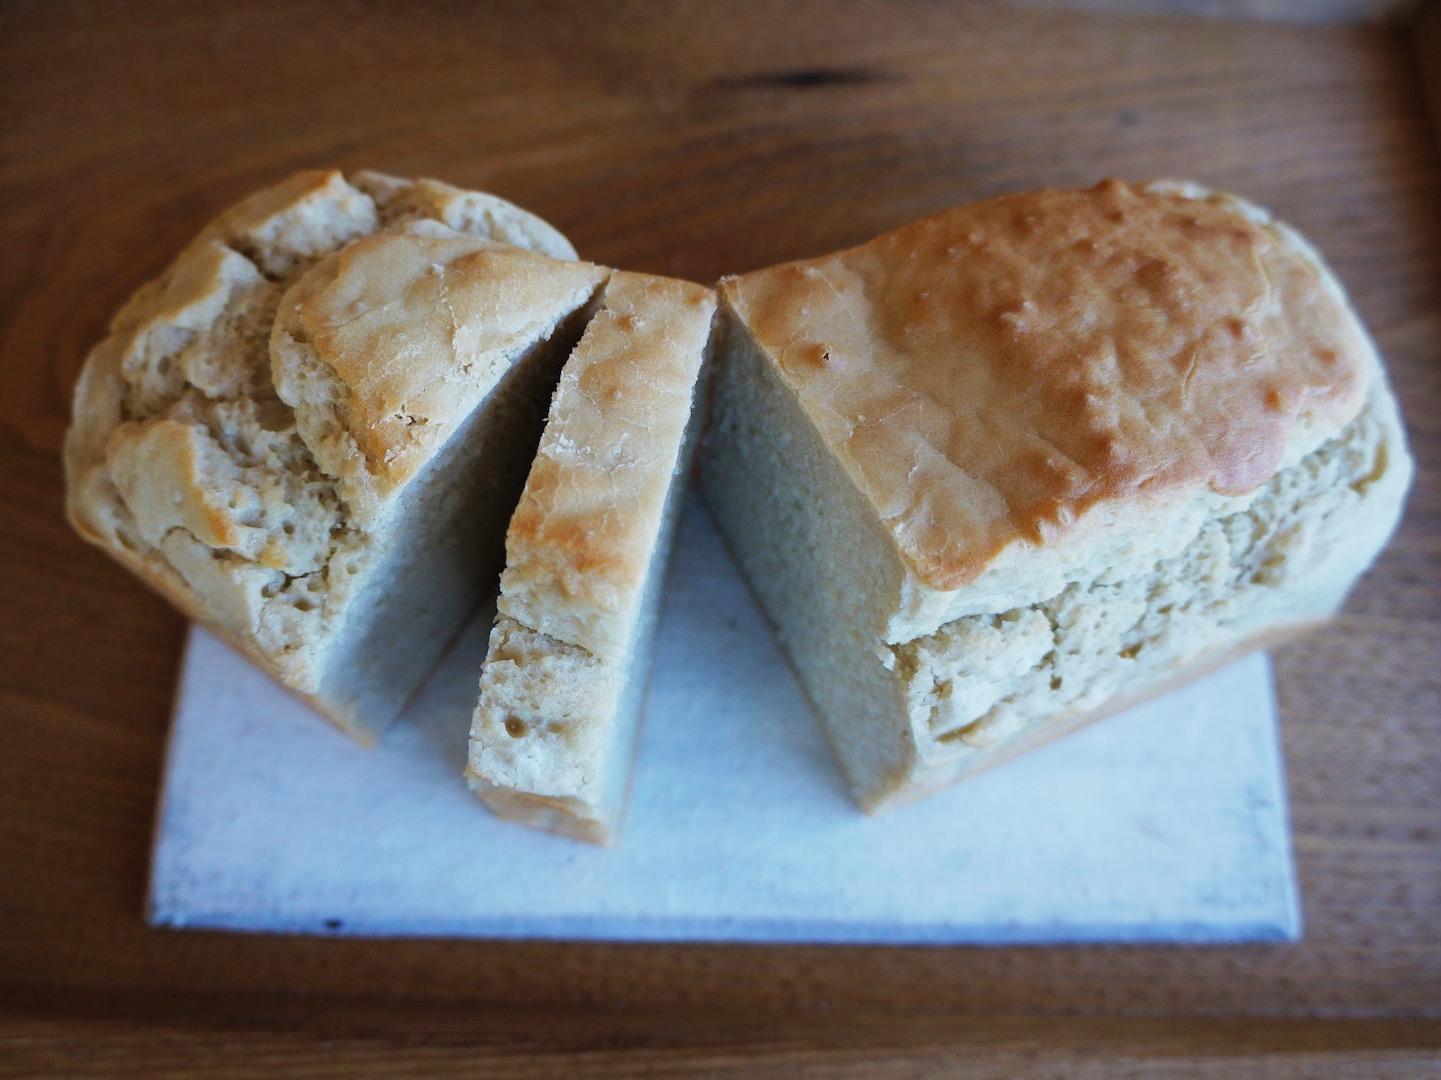 ◎店主のお気に入りのパンはコレ◎ そば粉と信州米のパン 佐久